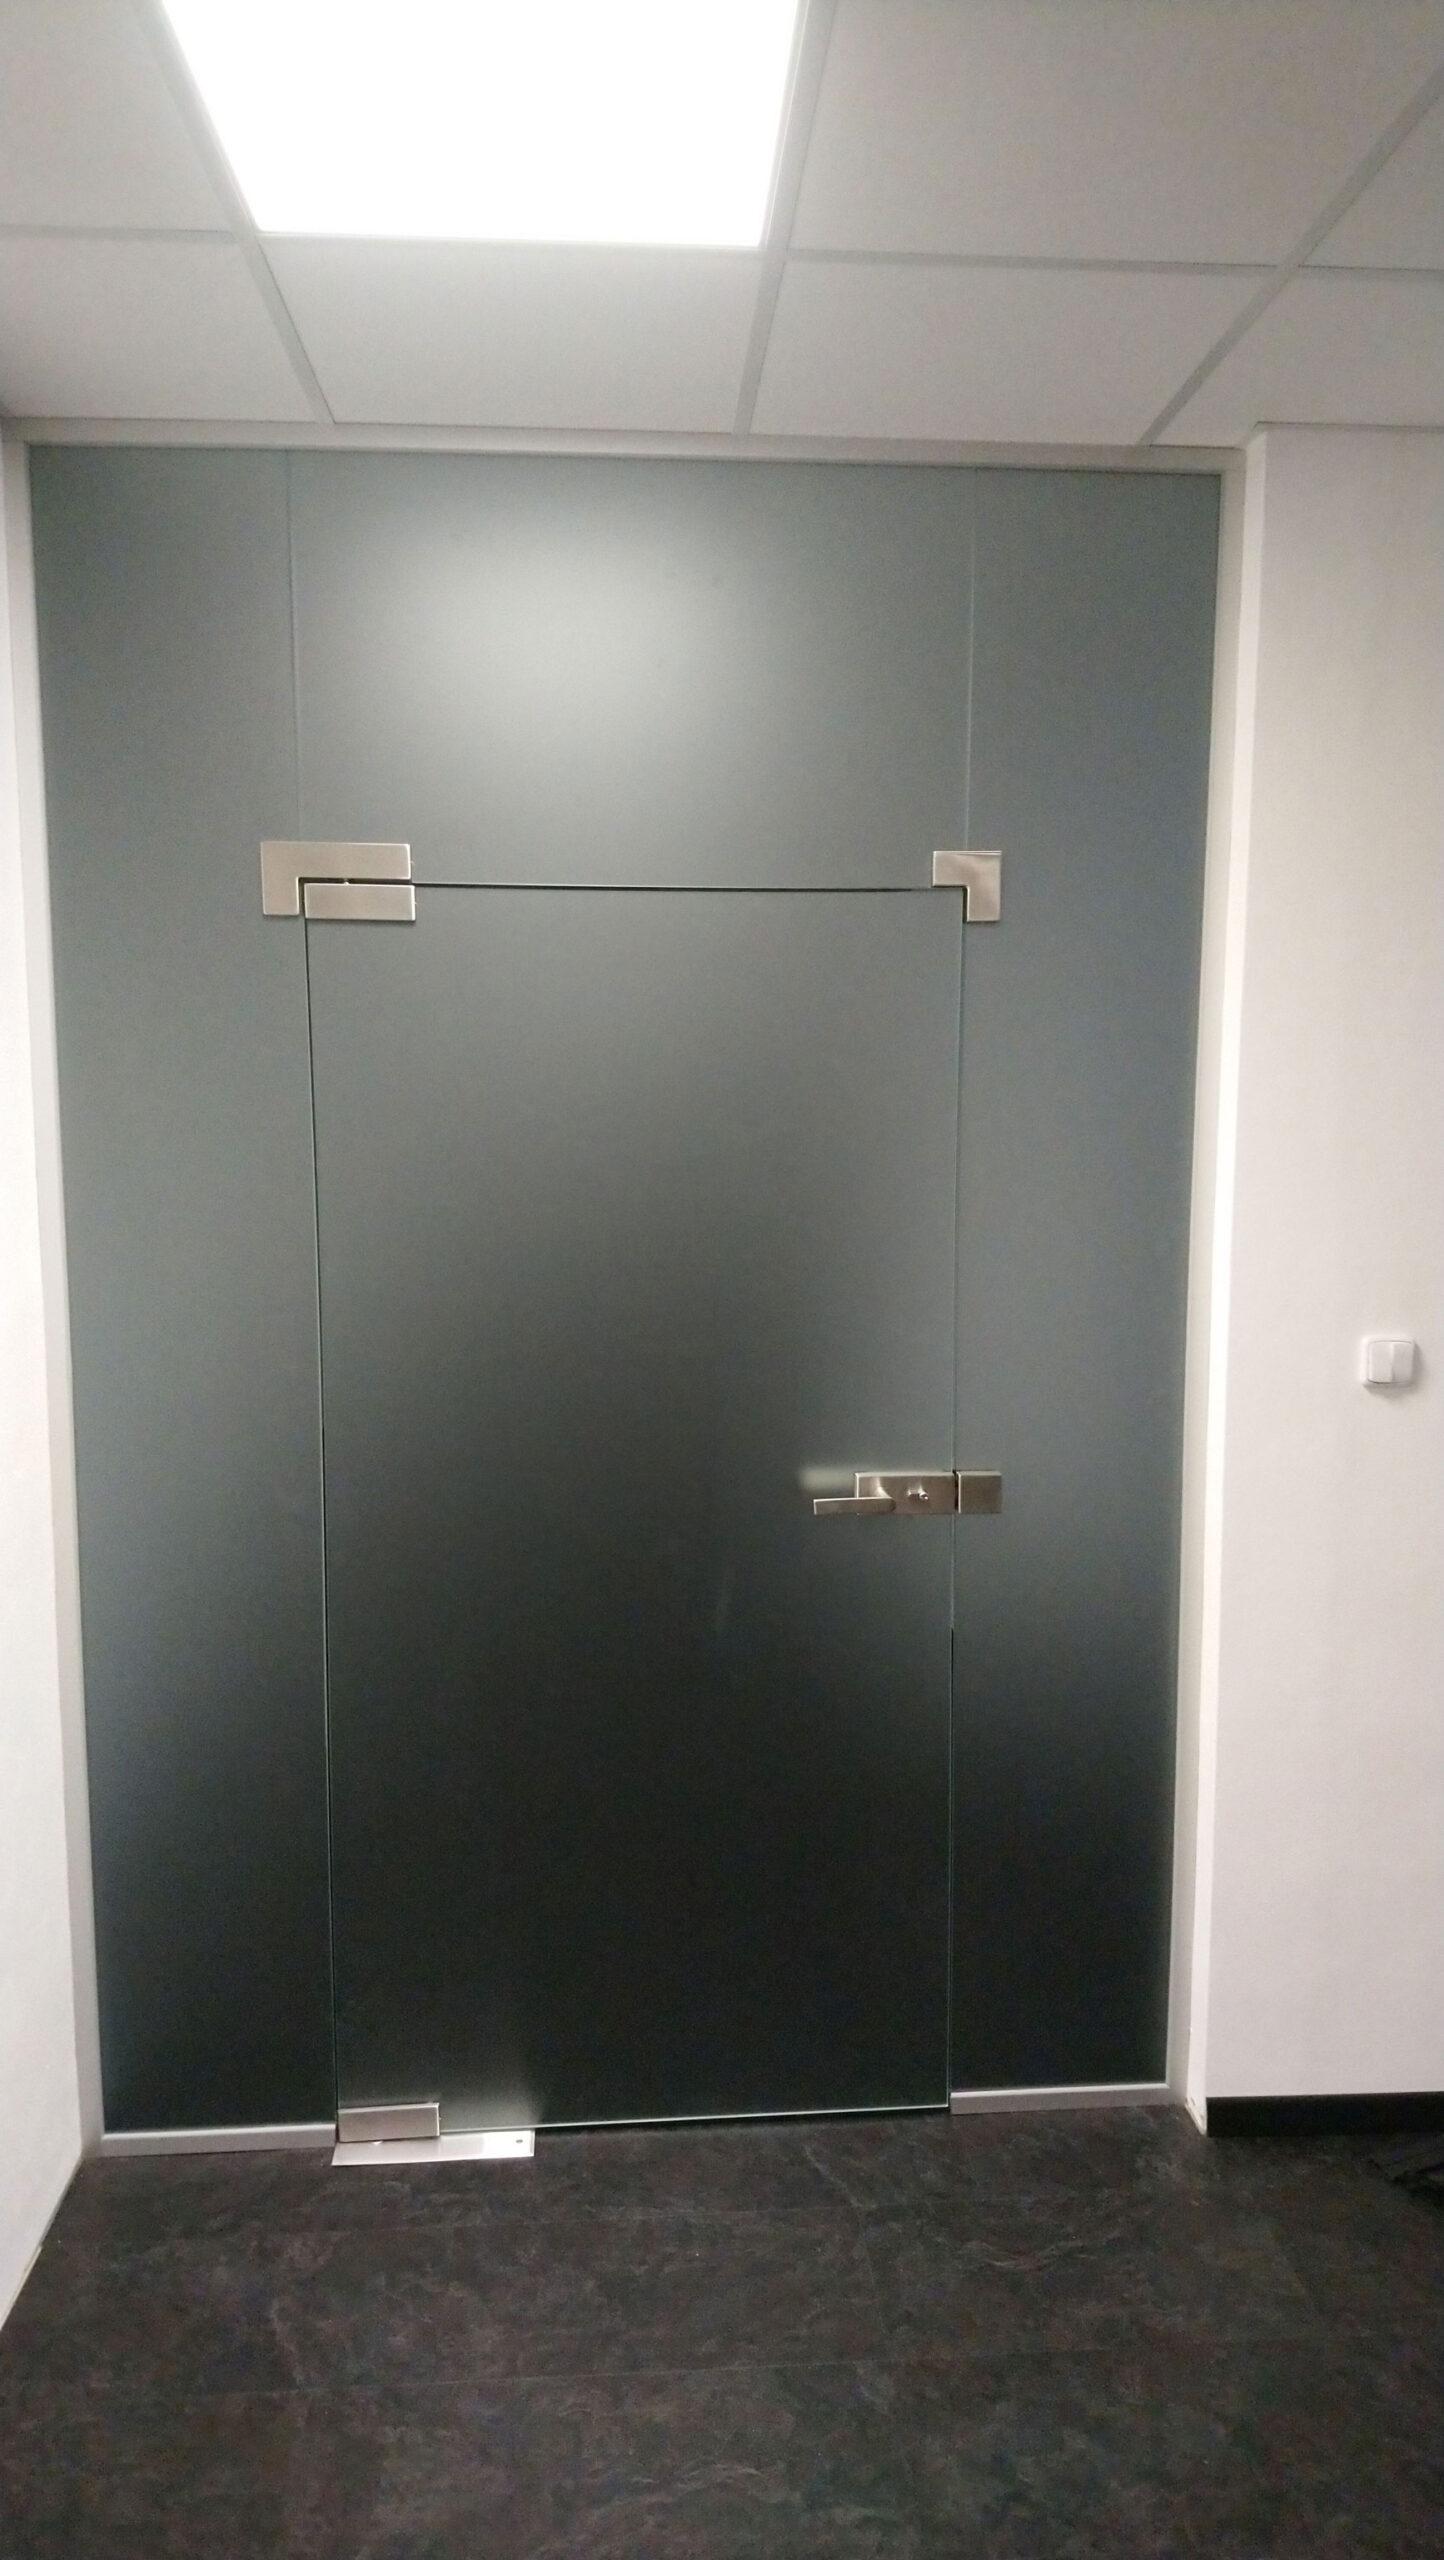 Sklenarstvi-Prerost-sklenene- steny-a-dvere (72)